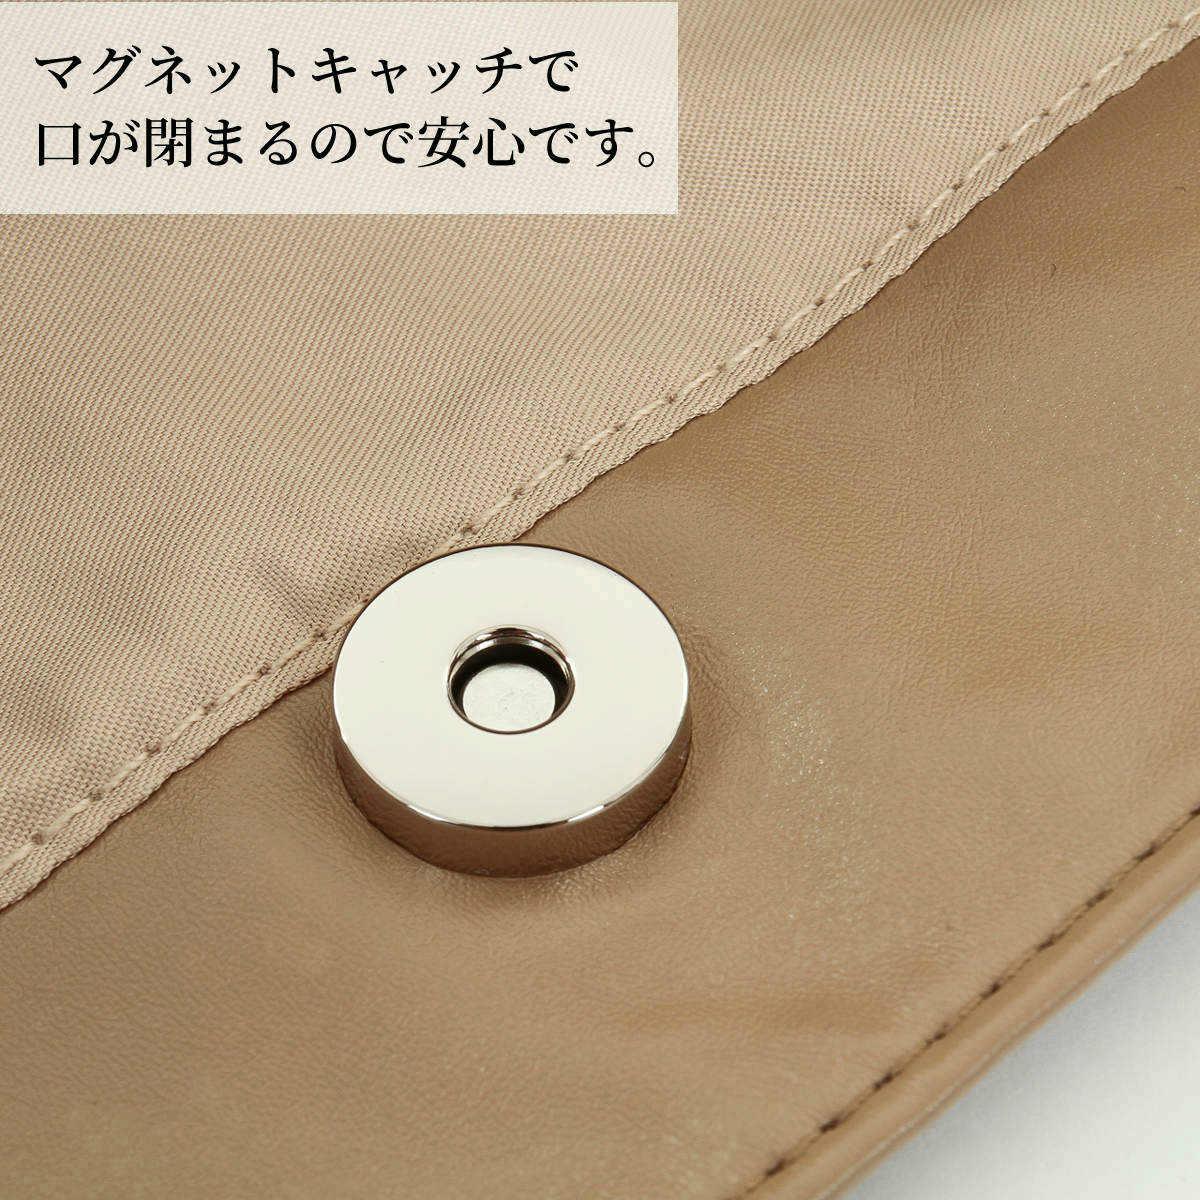 ピッコーネ アッチェッソーリ スカーフプリント 肩掛けバッグ ポリエステル製 レザー風ハンドル マチなし テロテロ素材 A4よりビッグ スクエア型